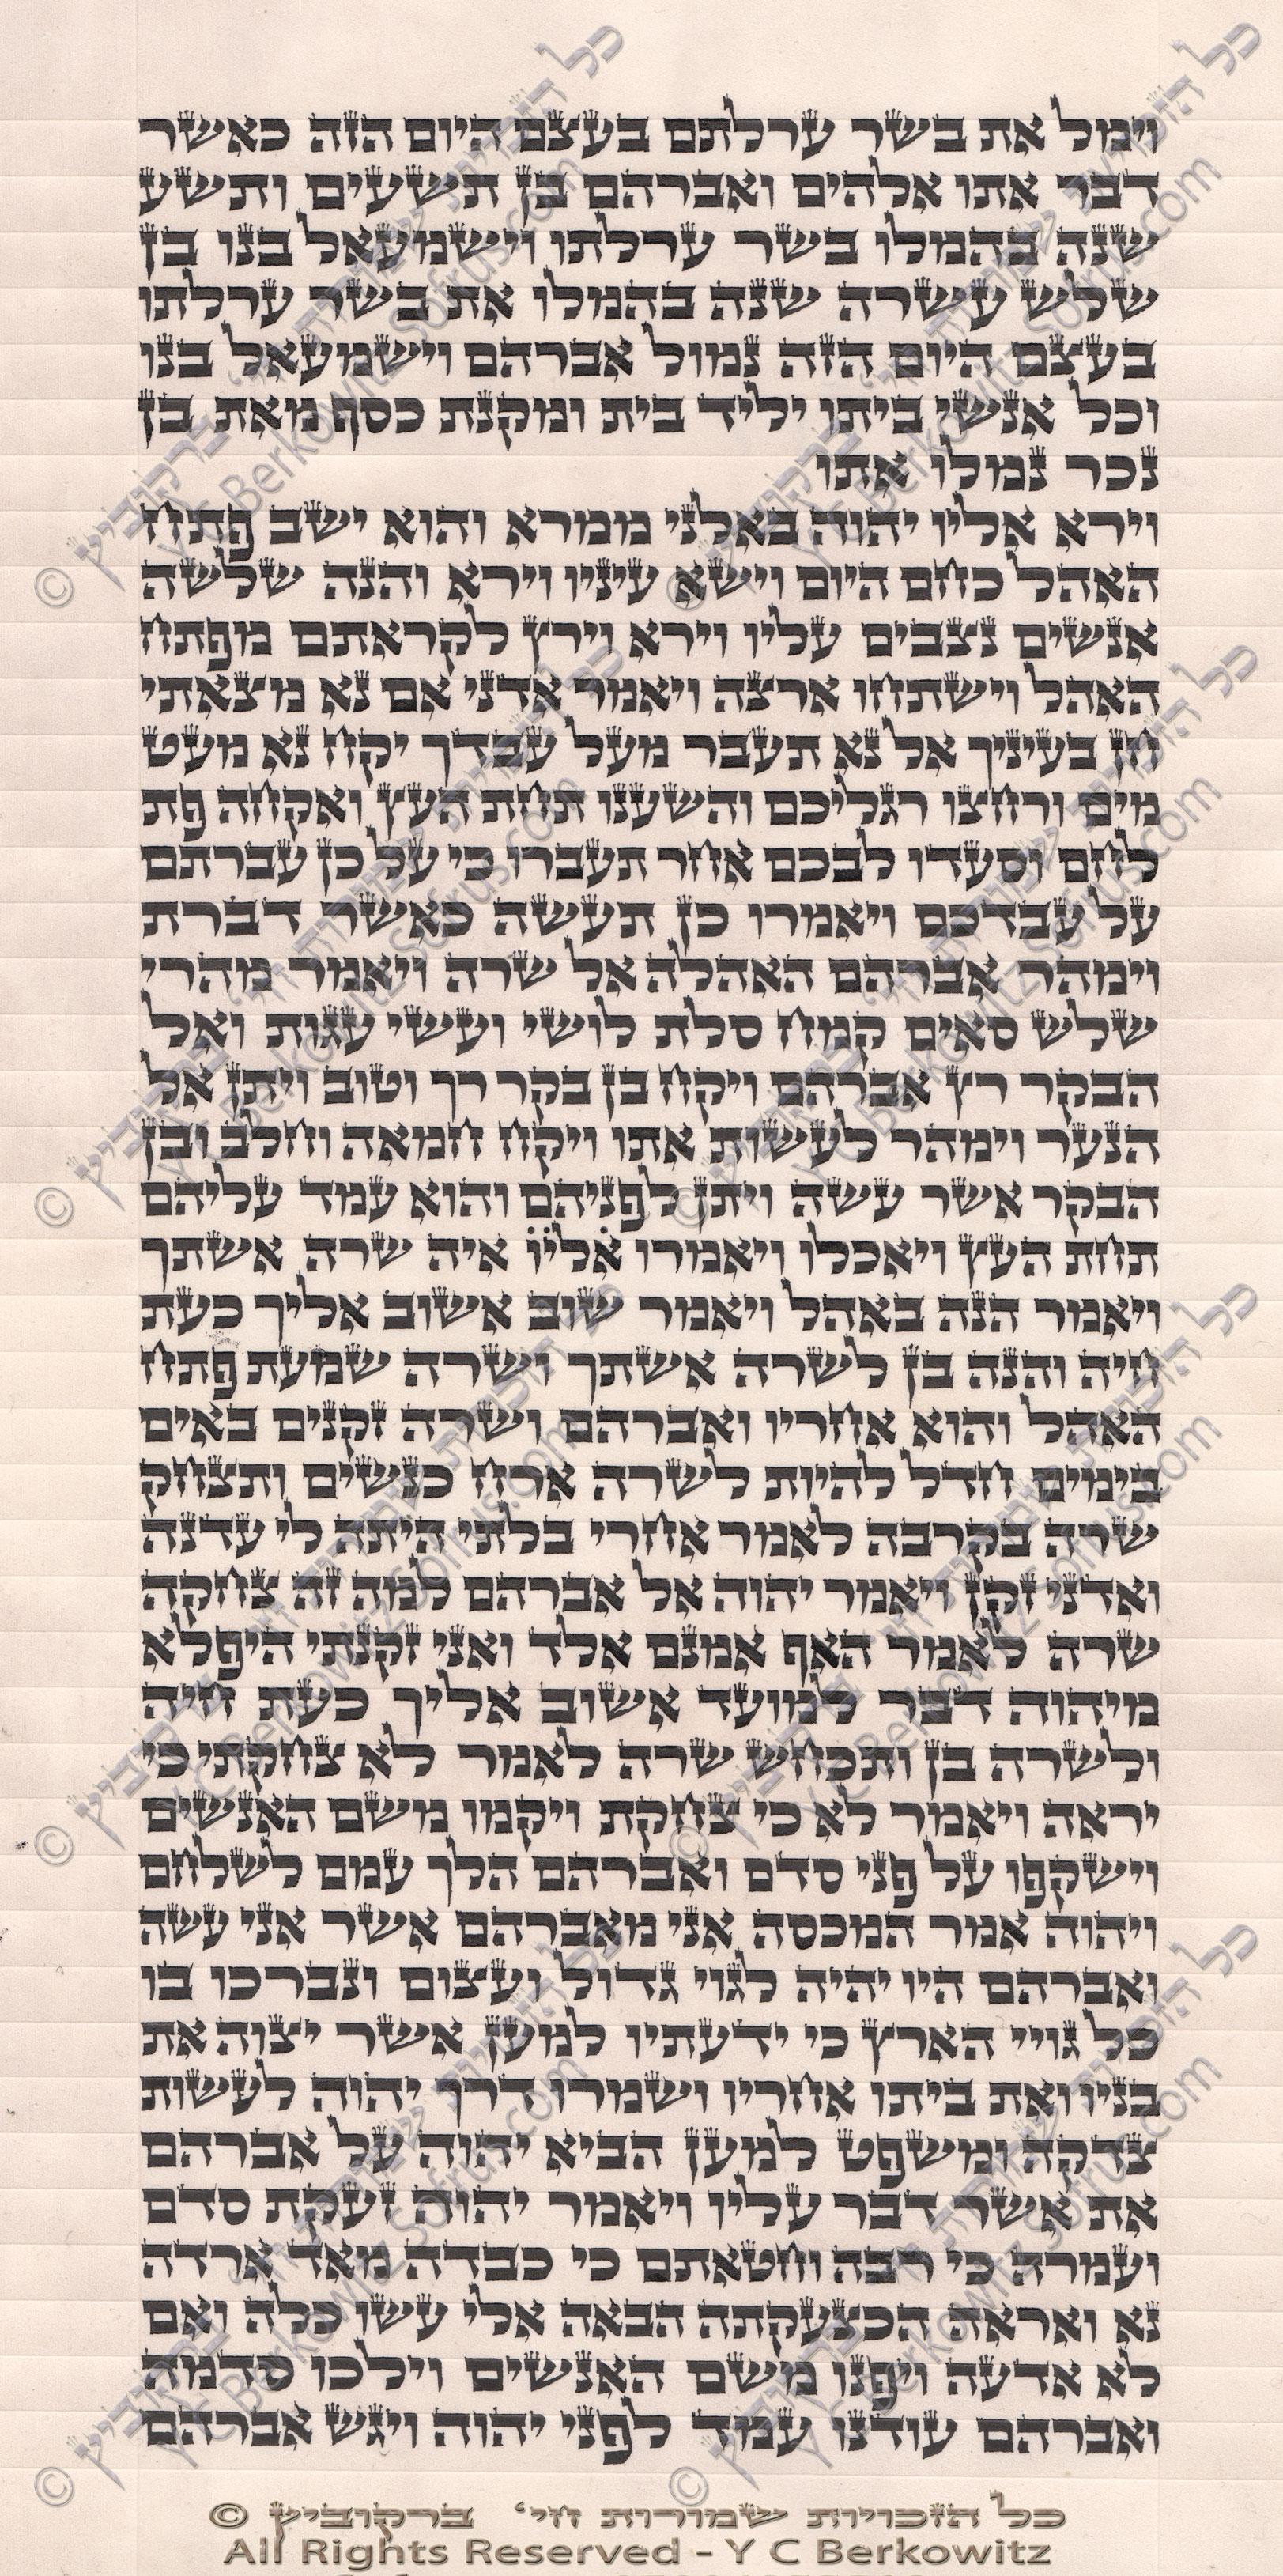 sefer-torah-17-vayero